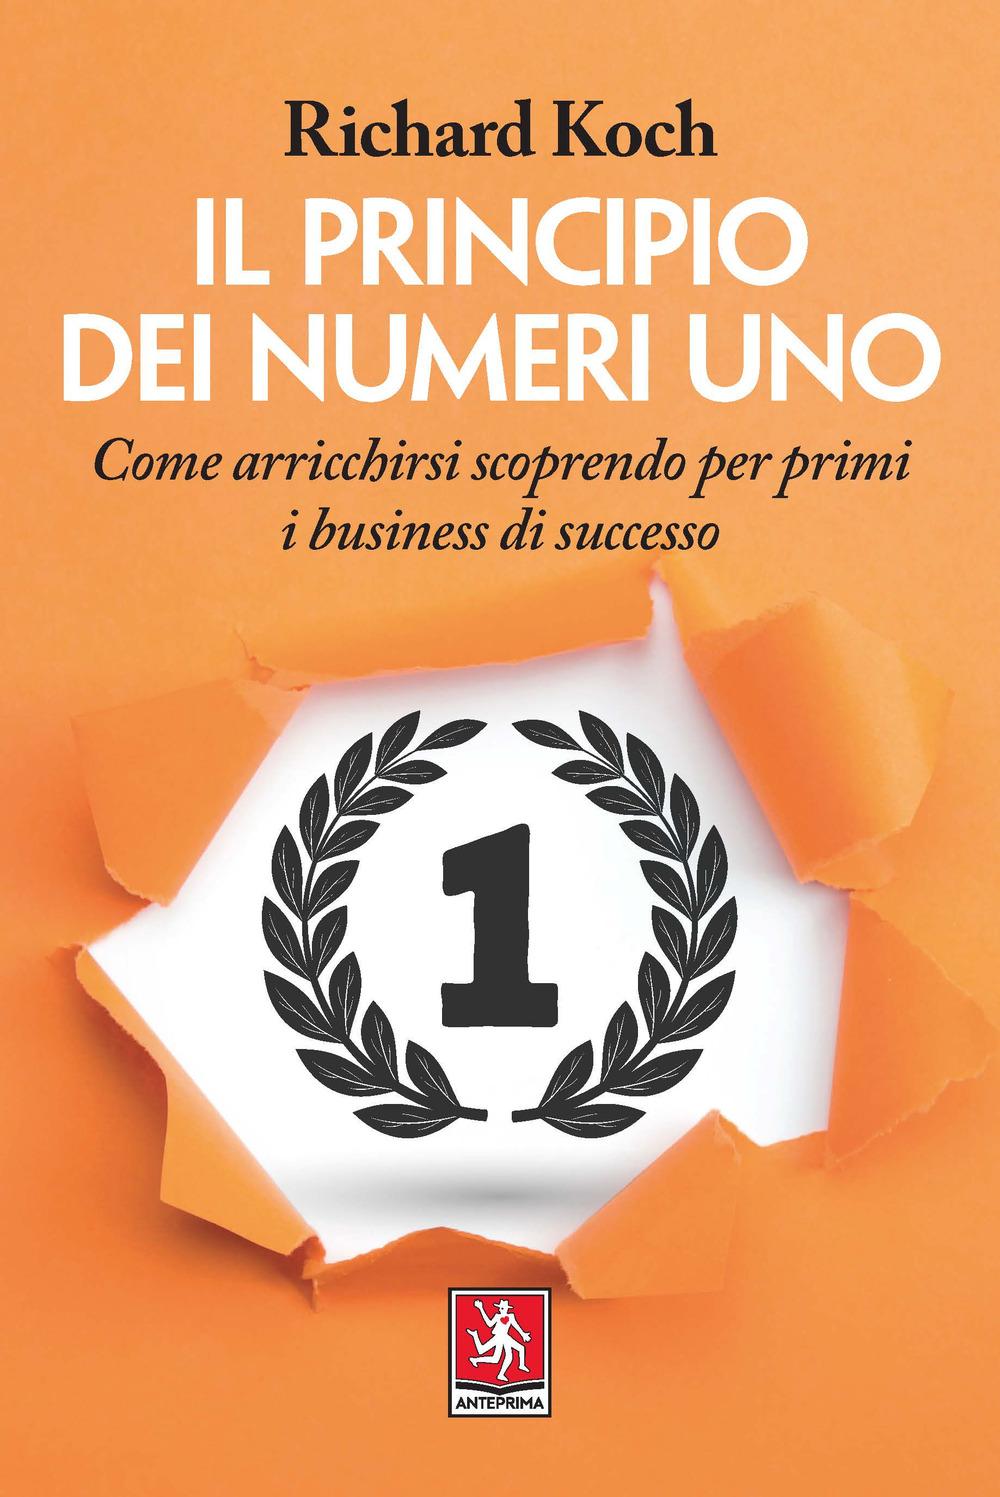 PRINCIPIO DEI NUMERI UNO. COME ARRICCHIRSI SCOPRENDO PER PRIMI BUSINESS DI SUCCESSO (IL) - 9788868491925